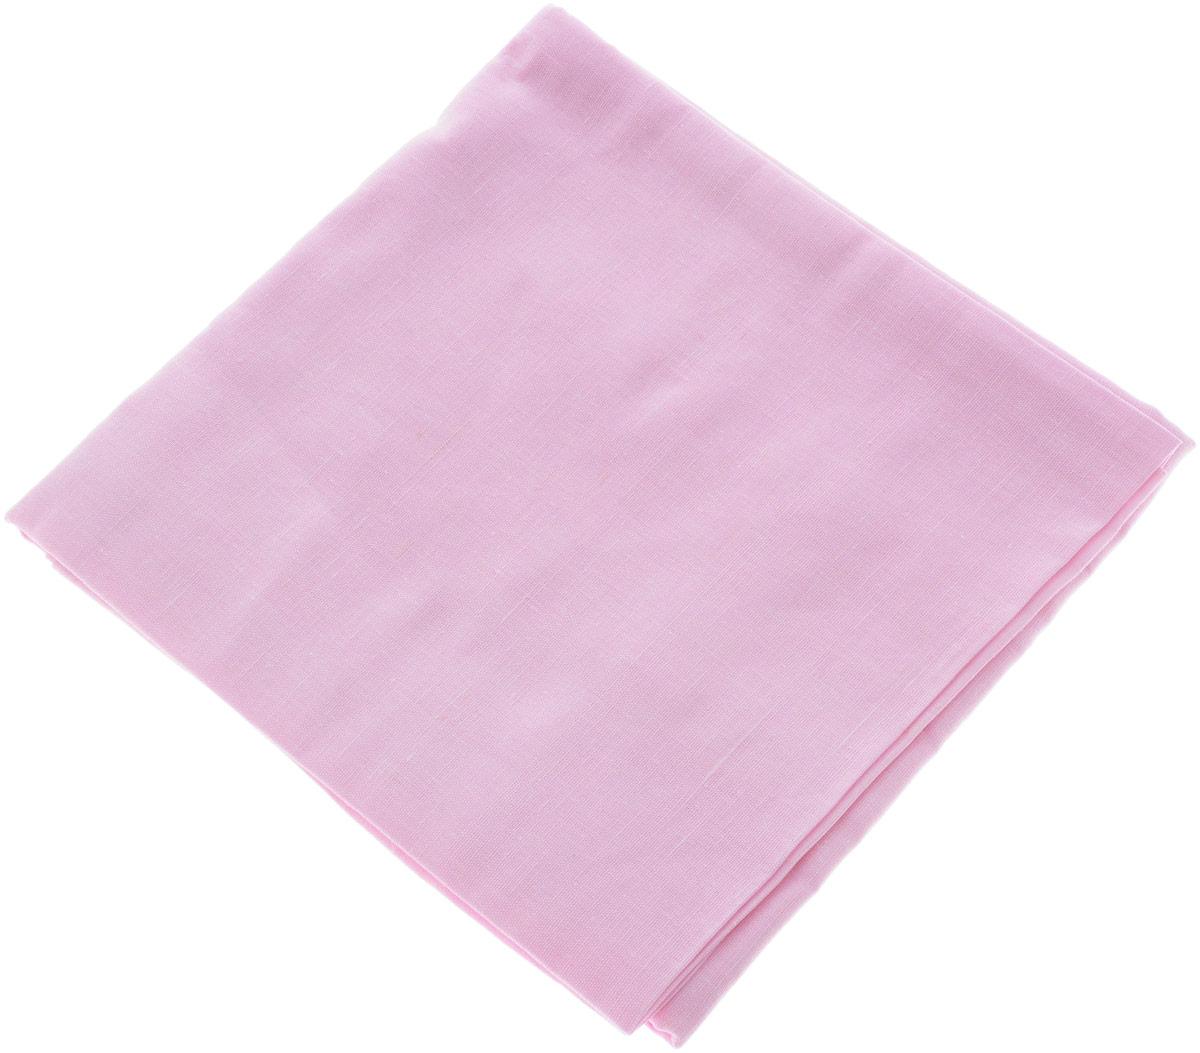 Наволочка Гаврилов-Ямский Лен, цвет: розовый, 70 х 70 см. 5со8395со839Наволочка Гаврилов-Ямский Лен выполнена изо льна с добавлением хлопка. Лен - поистине уникальный природный материал, экологичнее которого сложно придумать. Изделия изо льна отличаются долгим сроком службы, не линяют, выдерживают множество стирок и сохраняют безупречный внешний вид долгое время. Льняное постельное белье обладает уникальными потребительскими свойствами - оно даст вам ощущение прохлады в жаркую ночь и согреет в холода. История льна восходит к Древнему Египту: в те времена одежда изо льна считалась достойной фараонов. На Руси лен возделывали с незапамятных времен - изделия из льняной ткани считались показателем достатка, а льняная одежда служила символом невинности и нравственной чистоты.